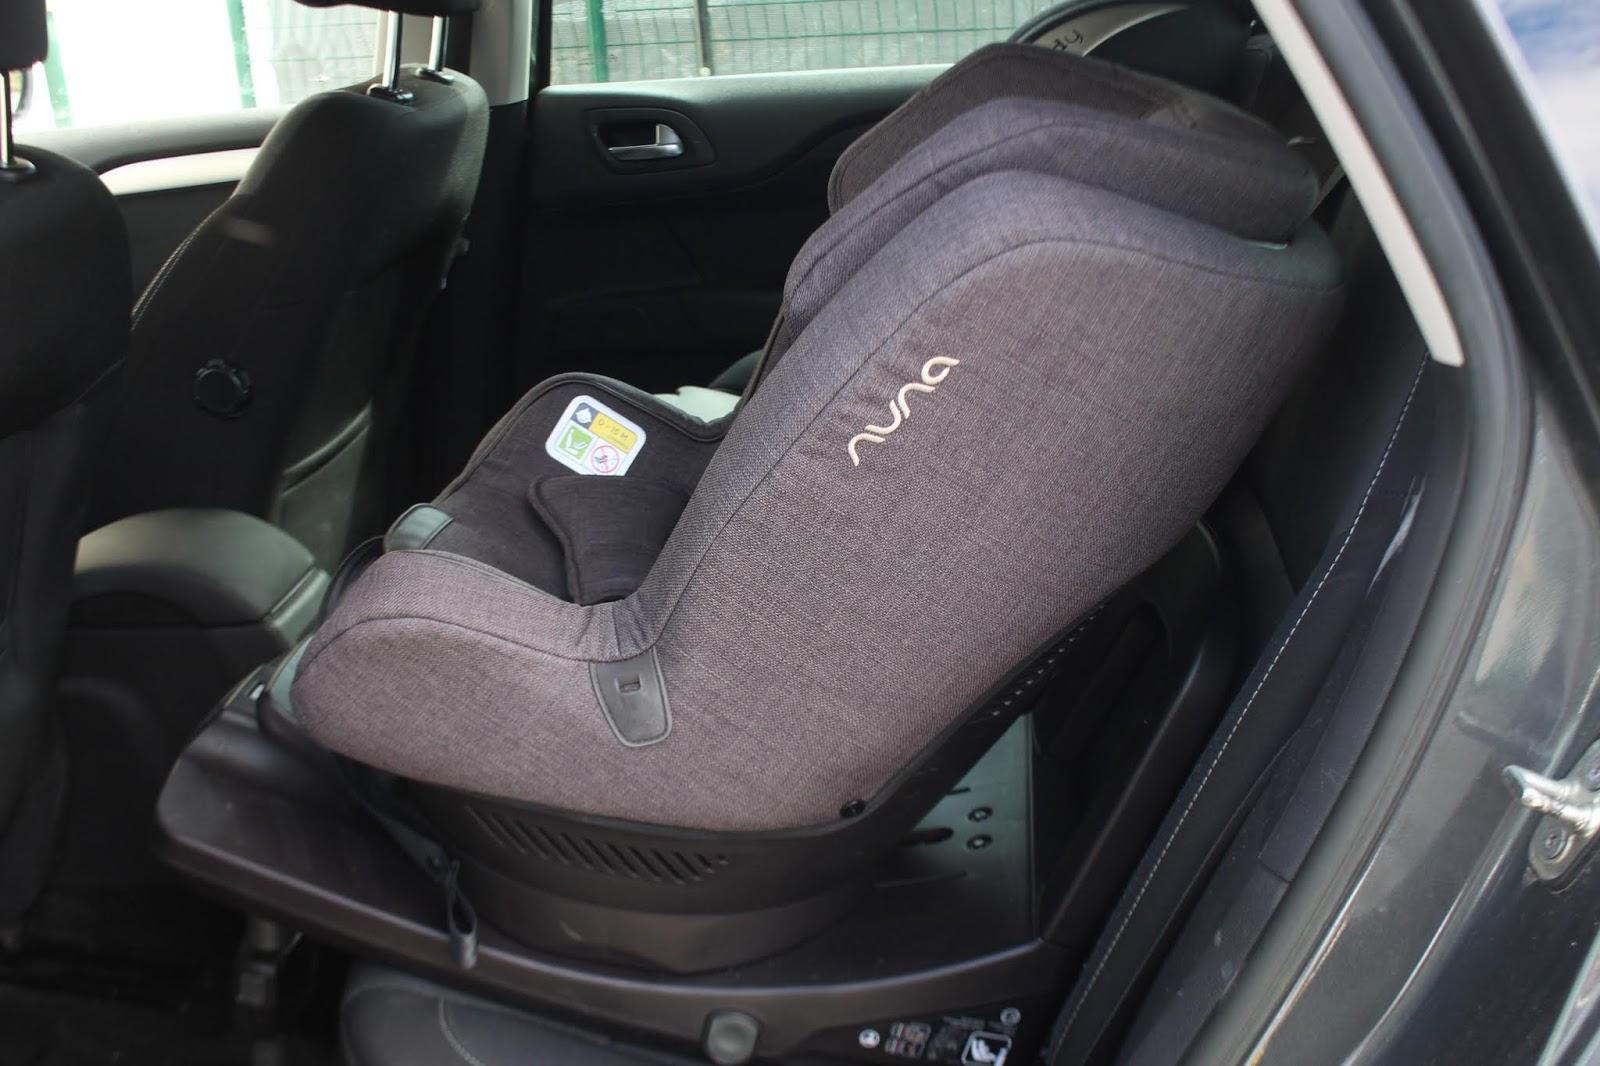 Comment bien installer un siège auto ?